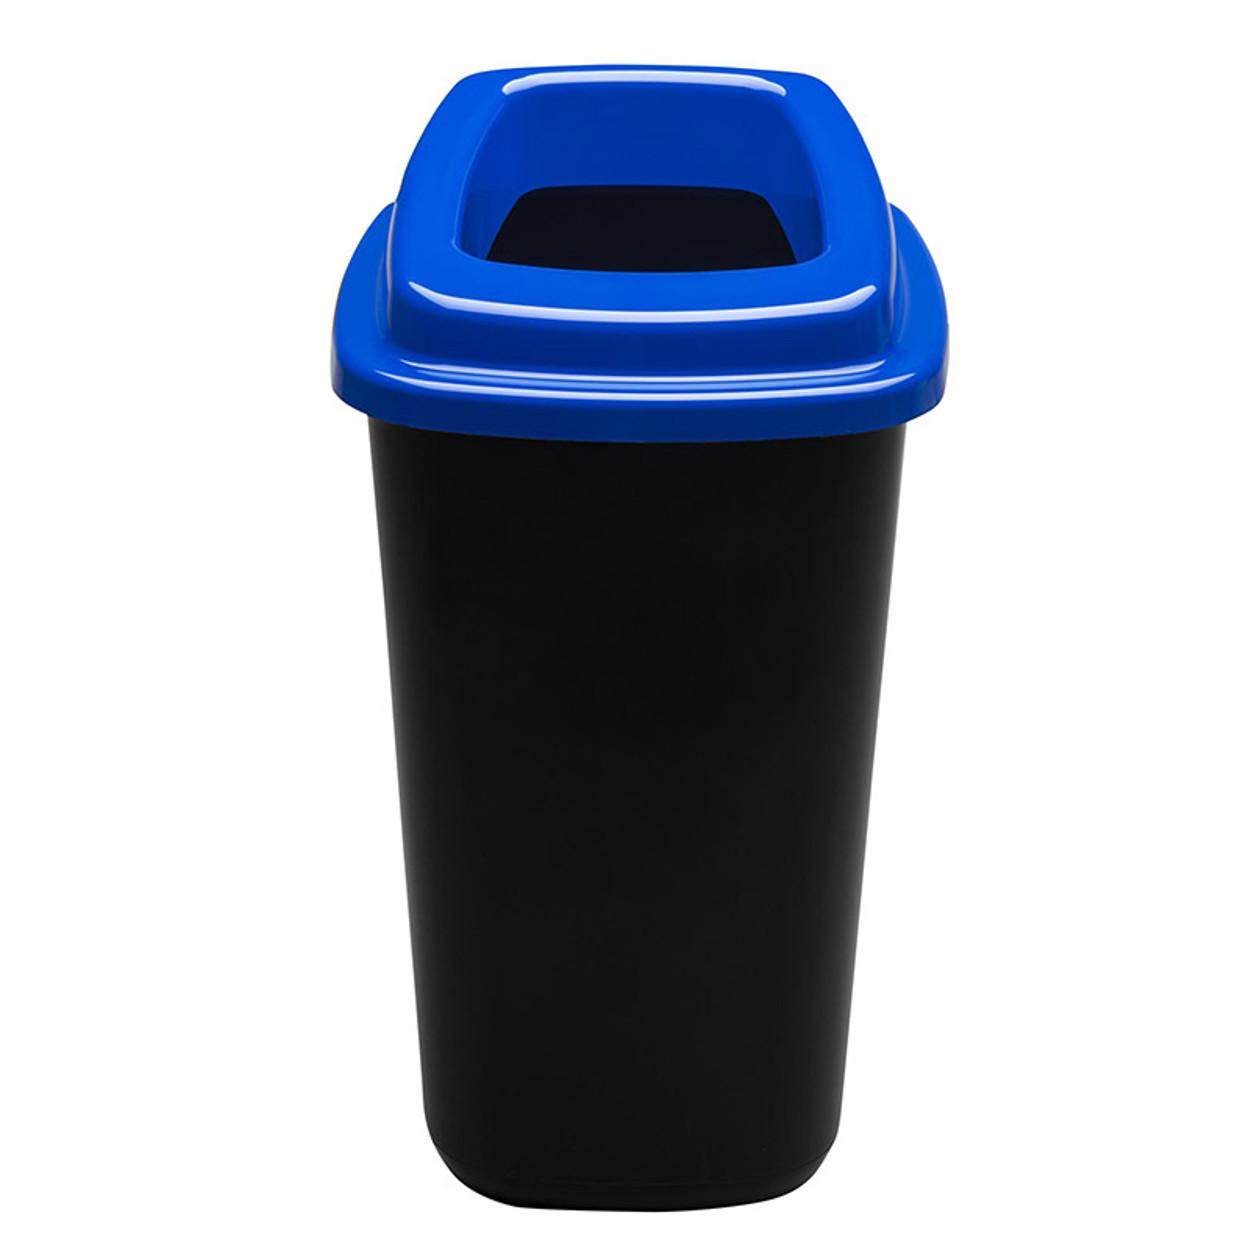 Plastový kôš na triedený odpad, 45 l, modrá